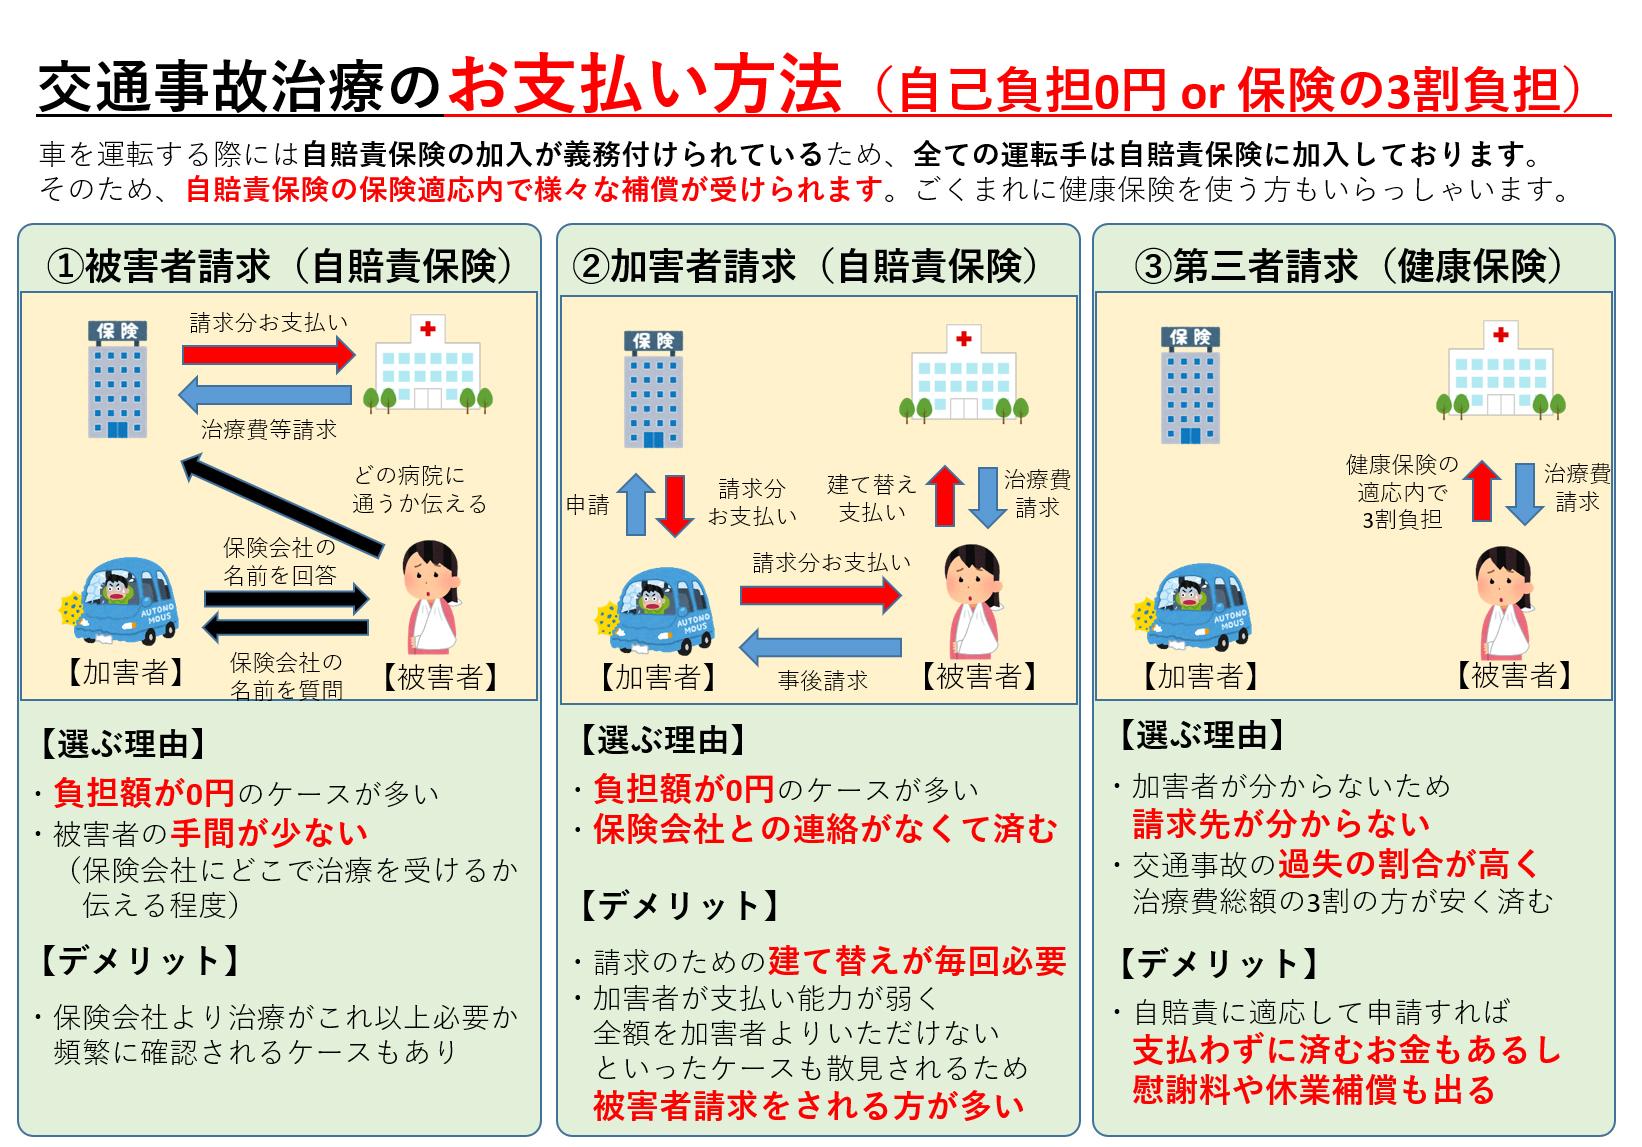 画像:交通事故治療のお支払い方法(自己負担0円 or 保険の3割負担)